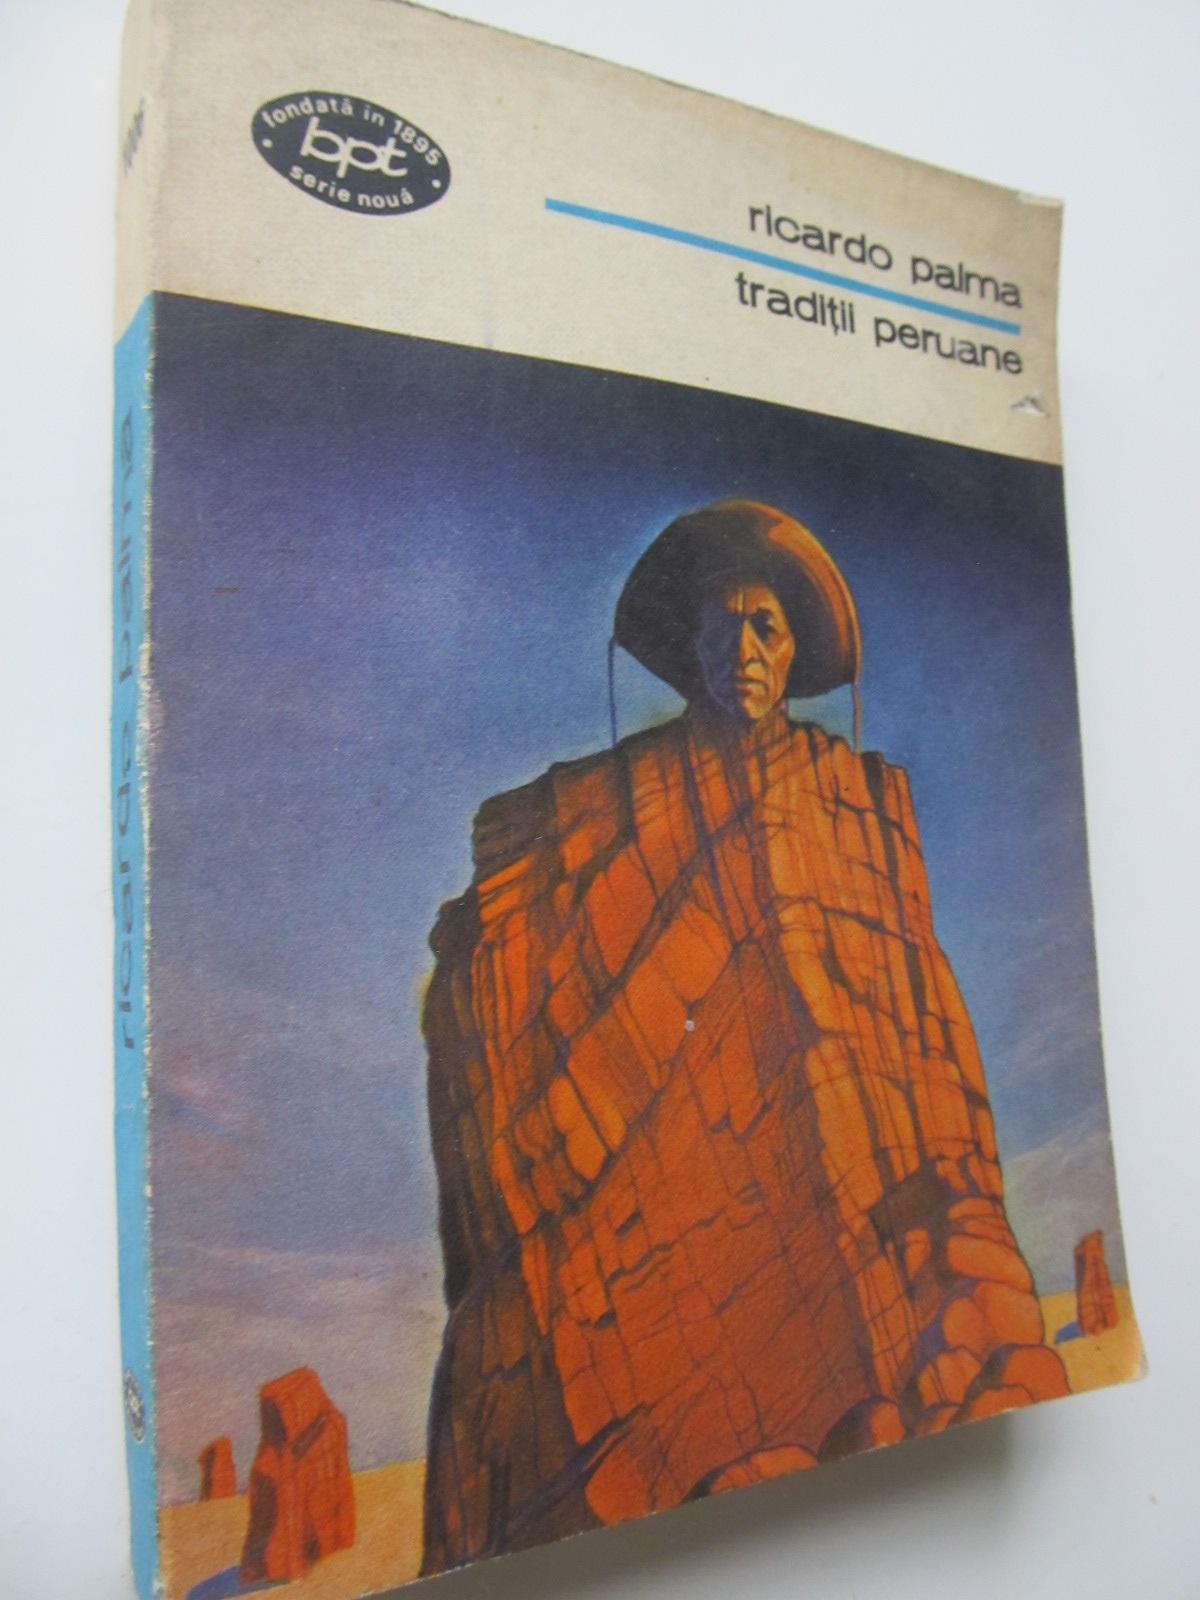 Carte Traditii peruane - Ricardo Palma